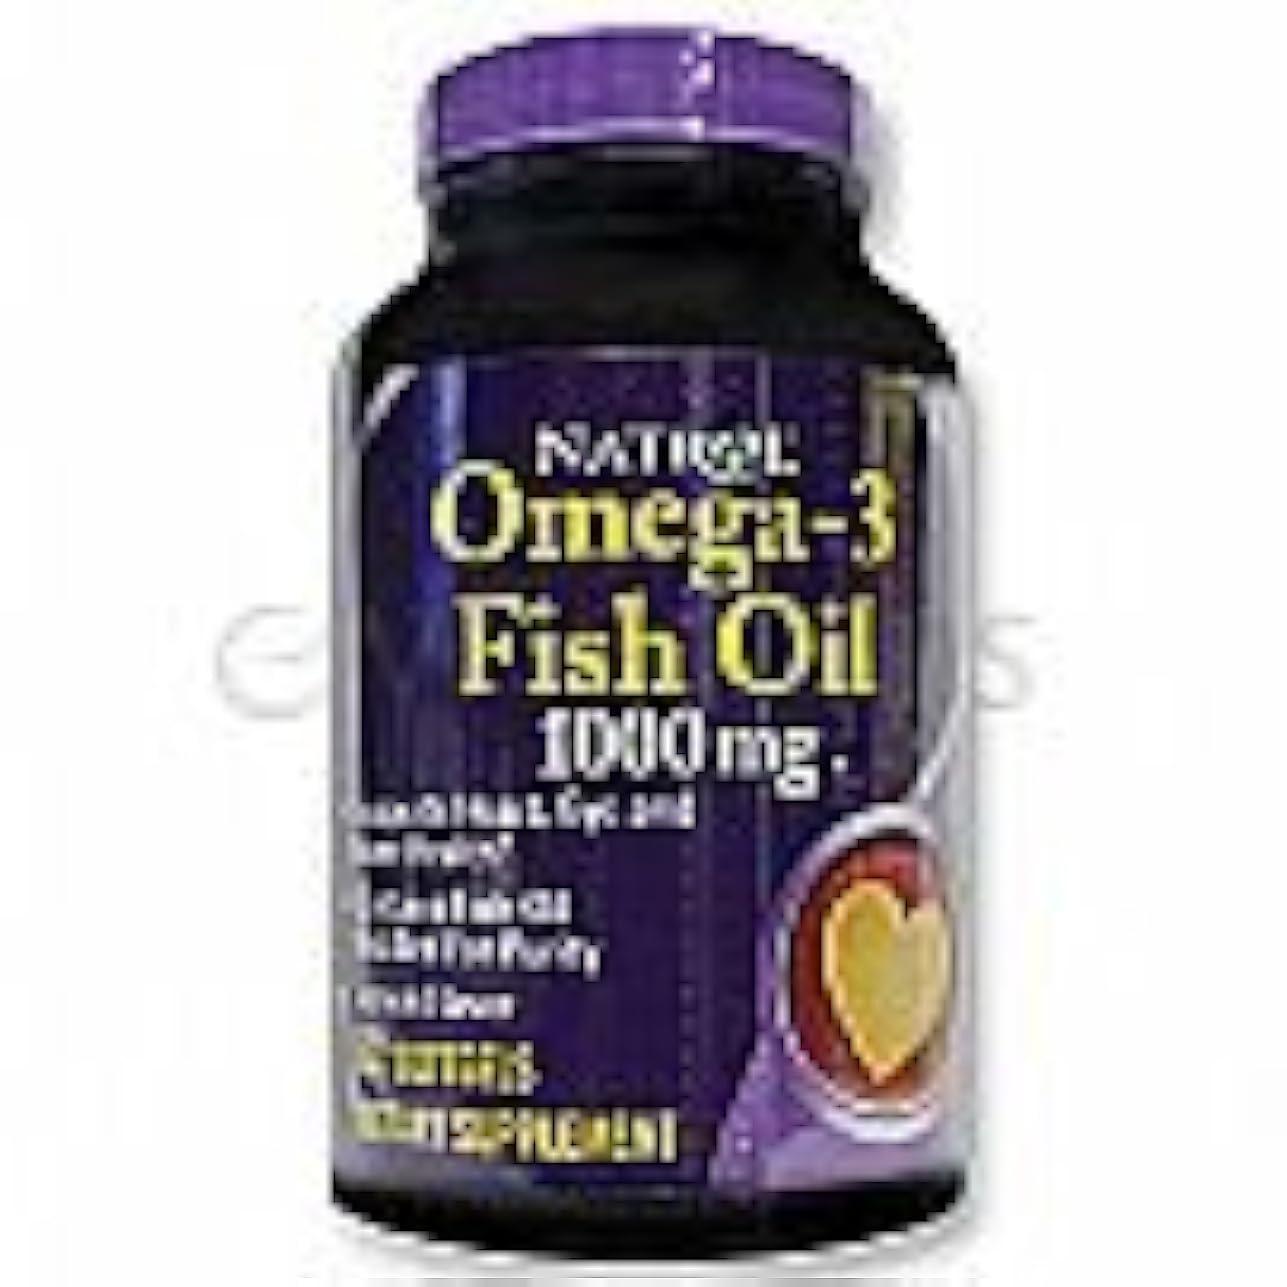 特権劣る傀儡Natrol Omega-3 Fish Oil 1,000 mg 60 Softgels Lemon [並行輸入品]